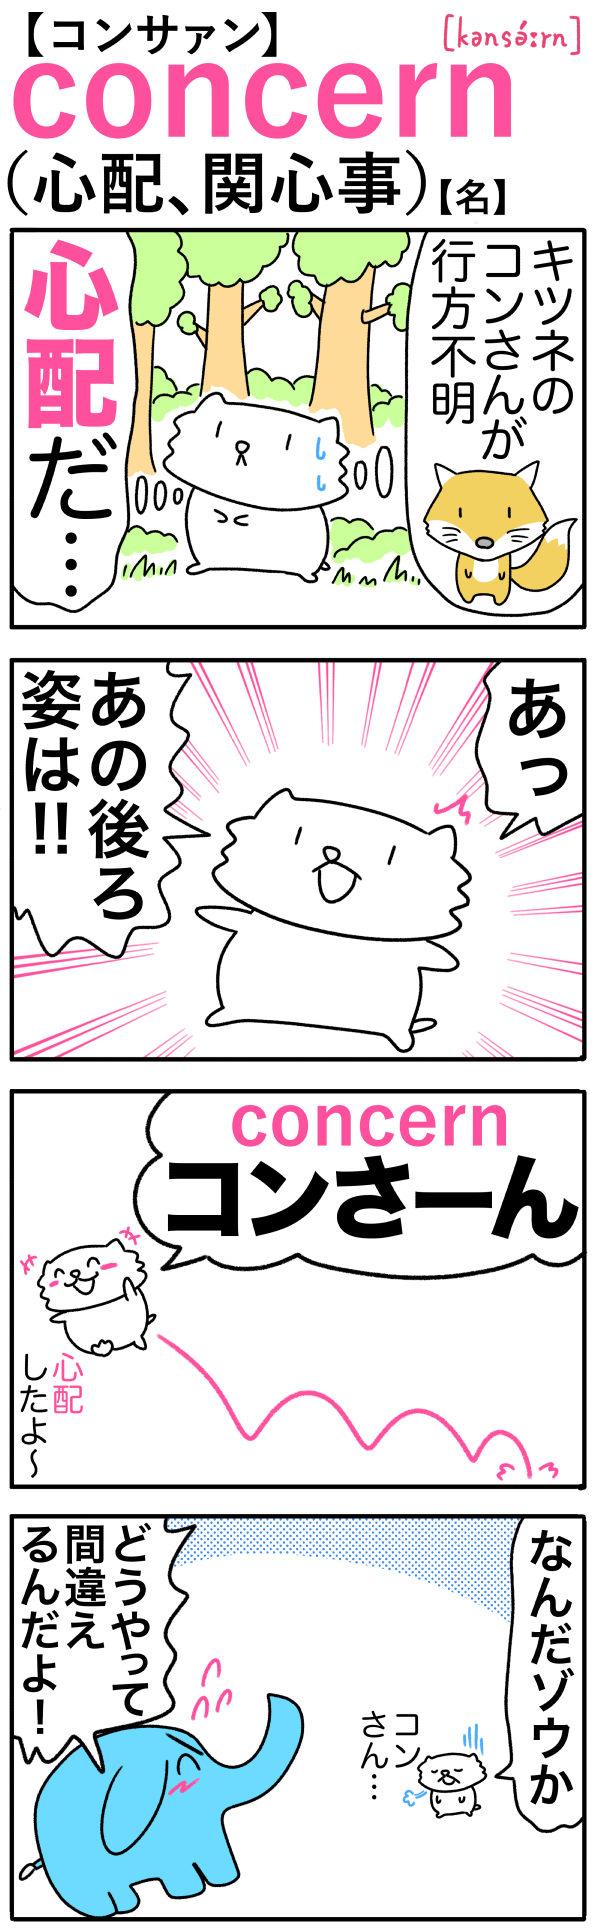 concern(心配、関心事)の語呂合わせ英単語